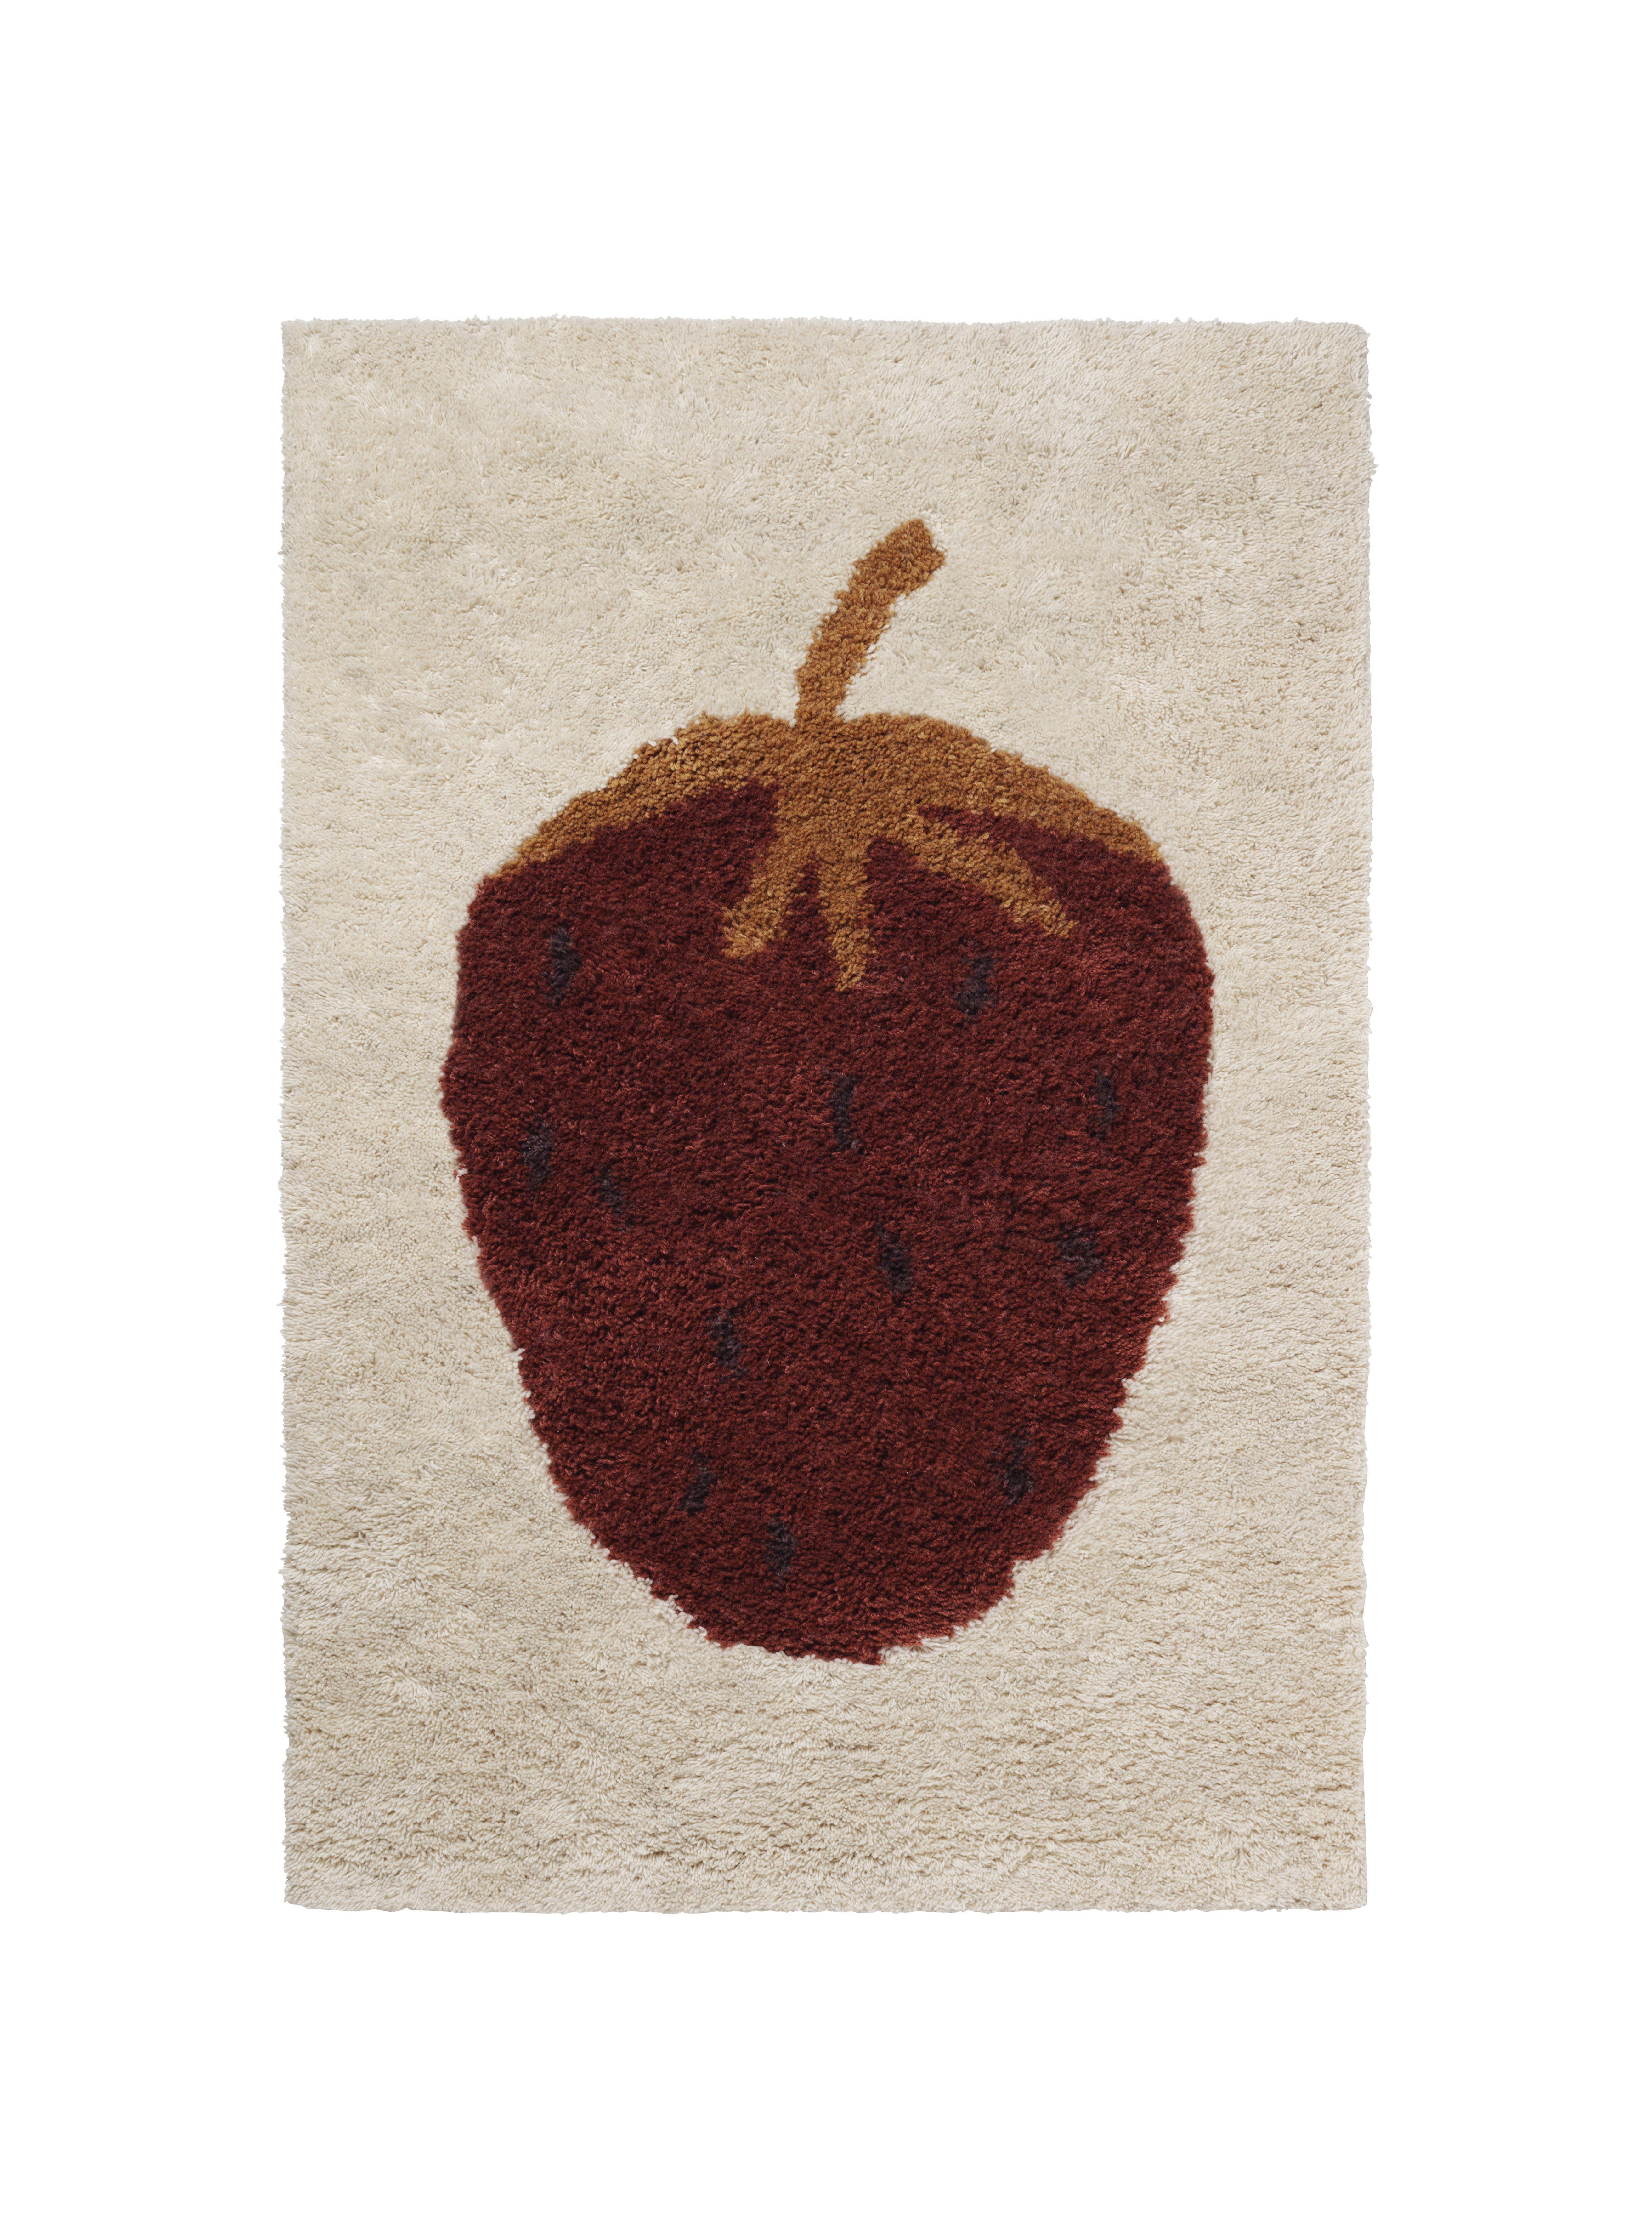 Möbel - Möbel für Kinder - Fruiticana - Fraise Teppich / klein - handgewebt - Ferm Living - Erdbeere - Baumwolle, Wolle